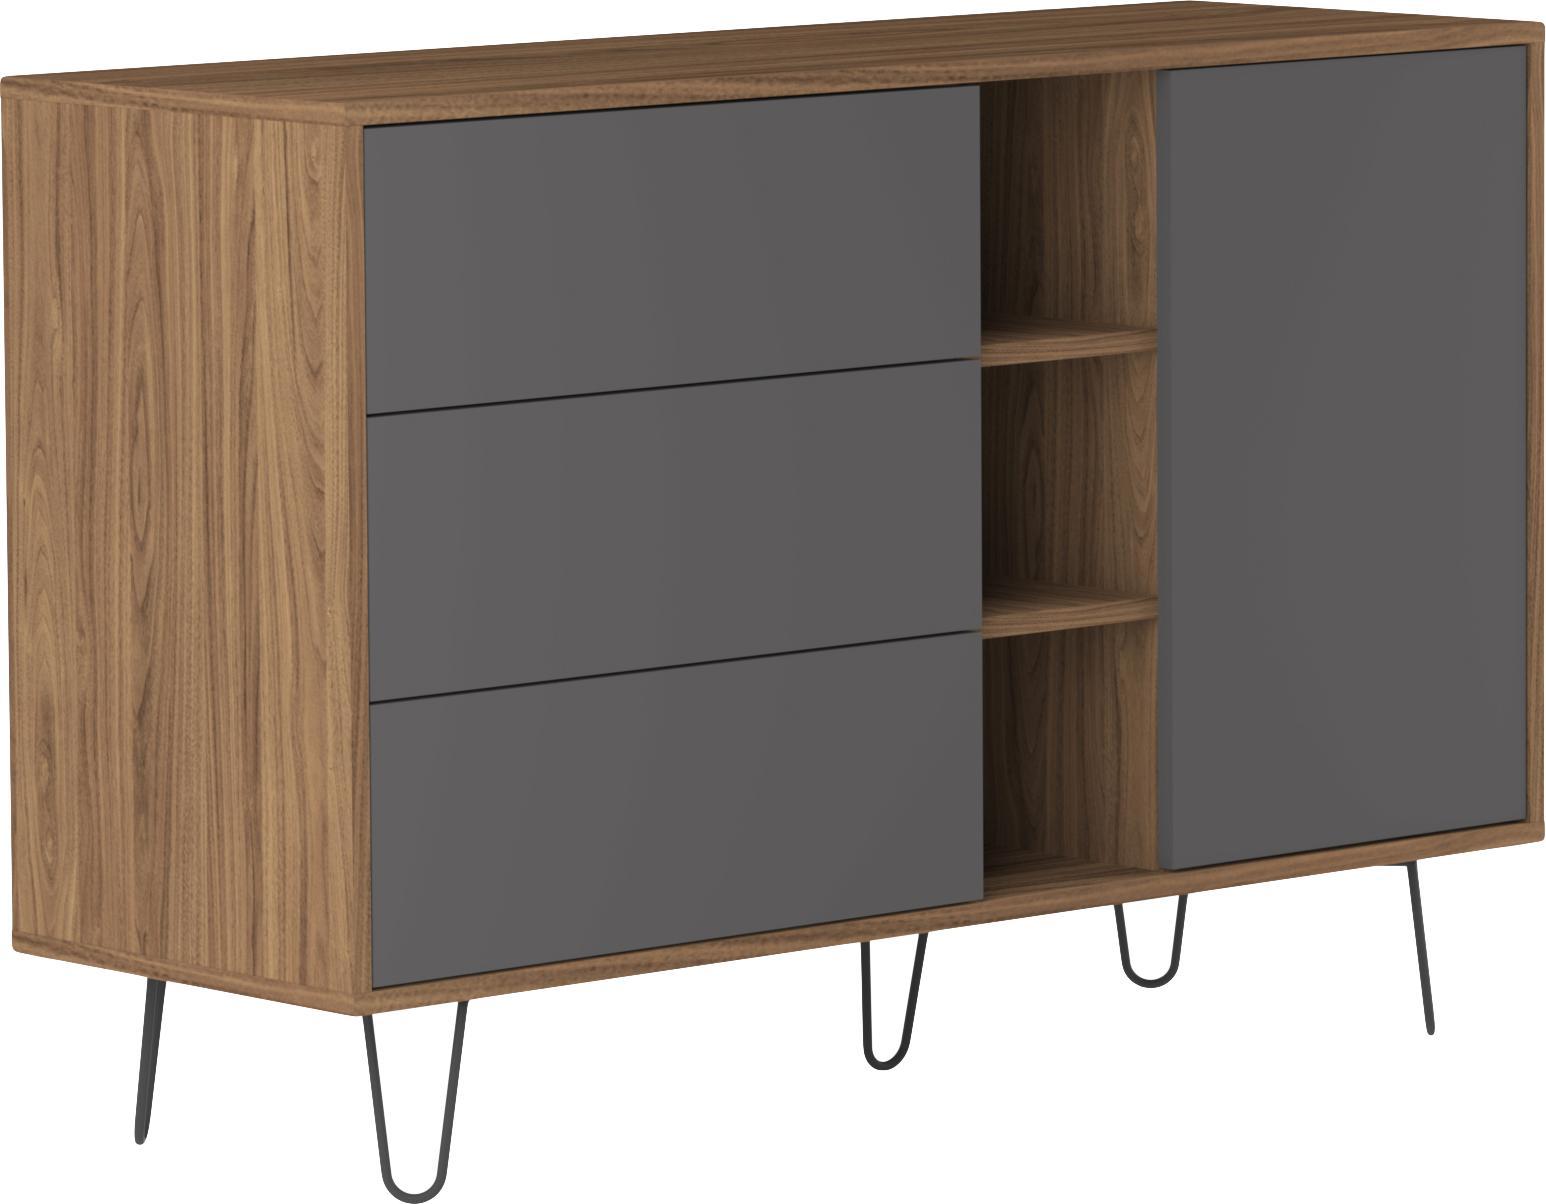 Design dressoir Aero met lades, Frame: melamine gecoate spaanpla, Poten: gelakt metaal, Walnootkleurig, grijs, 120 x 80 cm